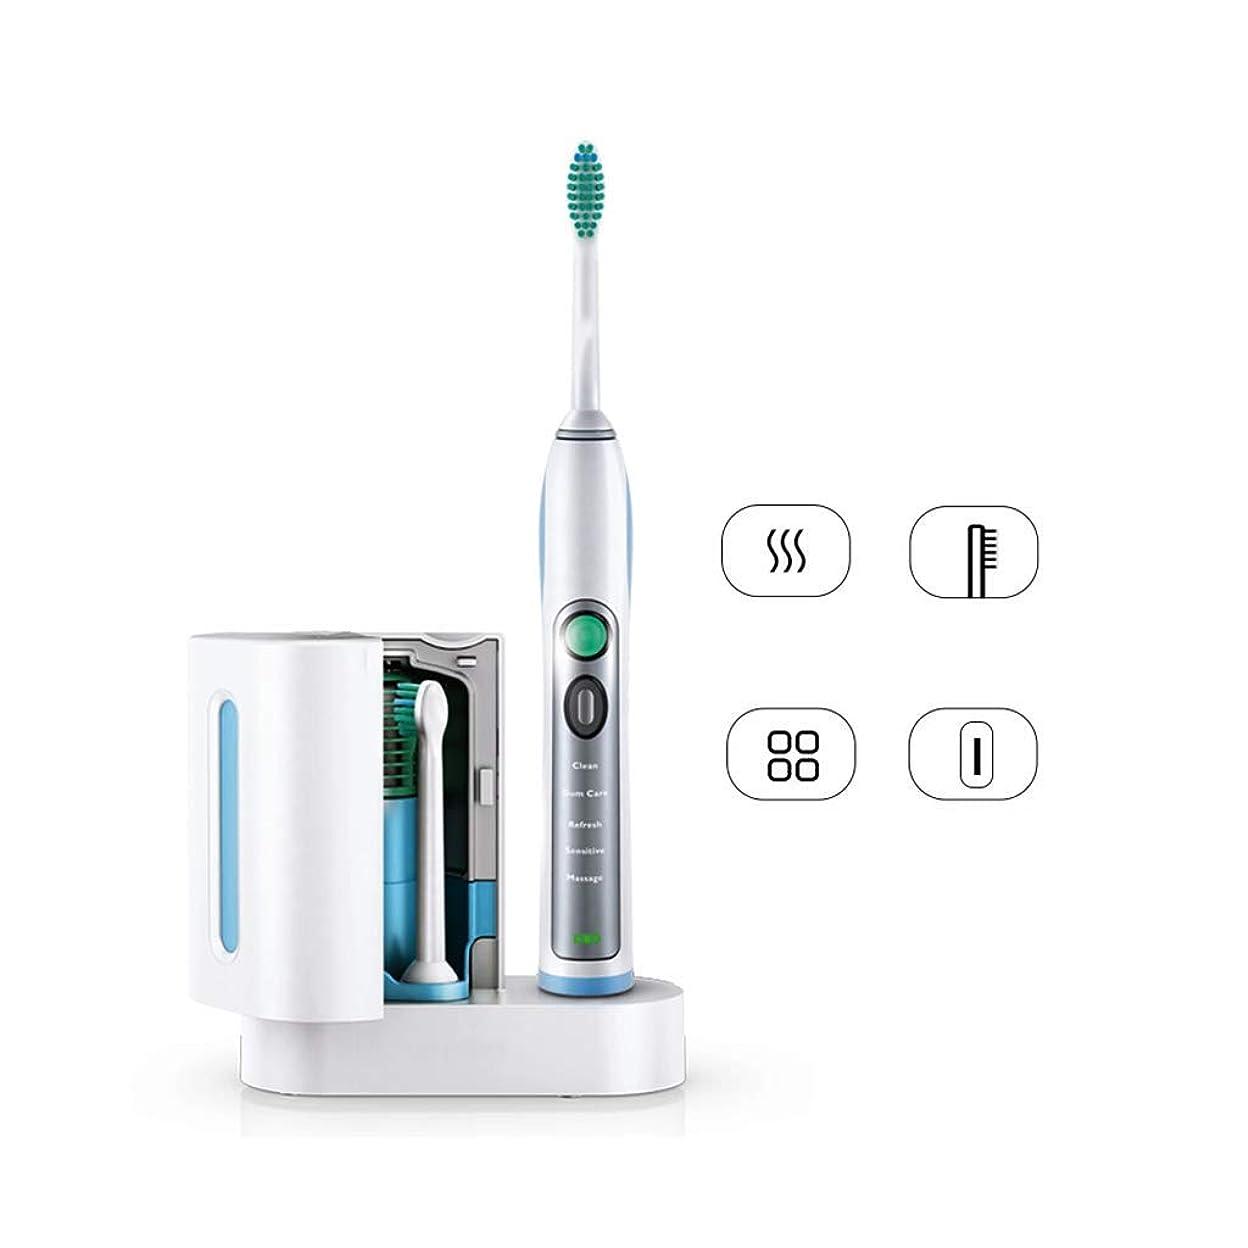 圧倒するクリップ蝶落とし穴電動歯ブラシ 殺菌剤+歯ブラシ旅行箱の深いクリーニングの歯ブラシが付いている大人の音波の振動電動歯ブラシ